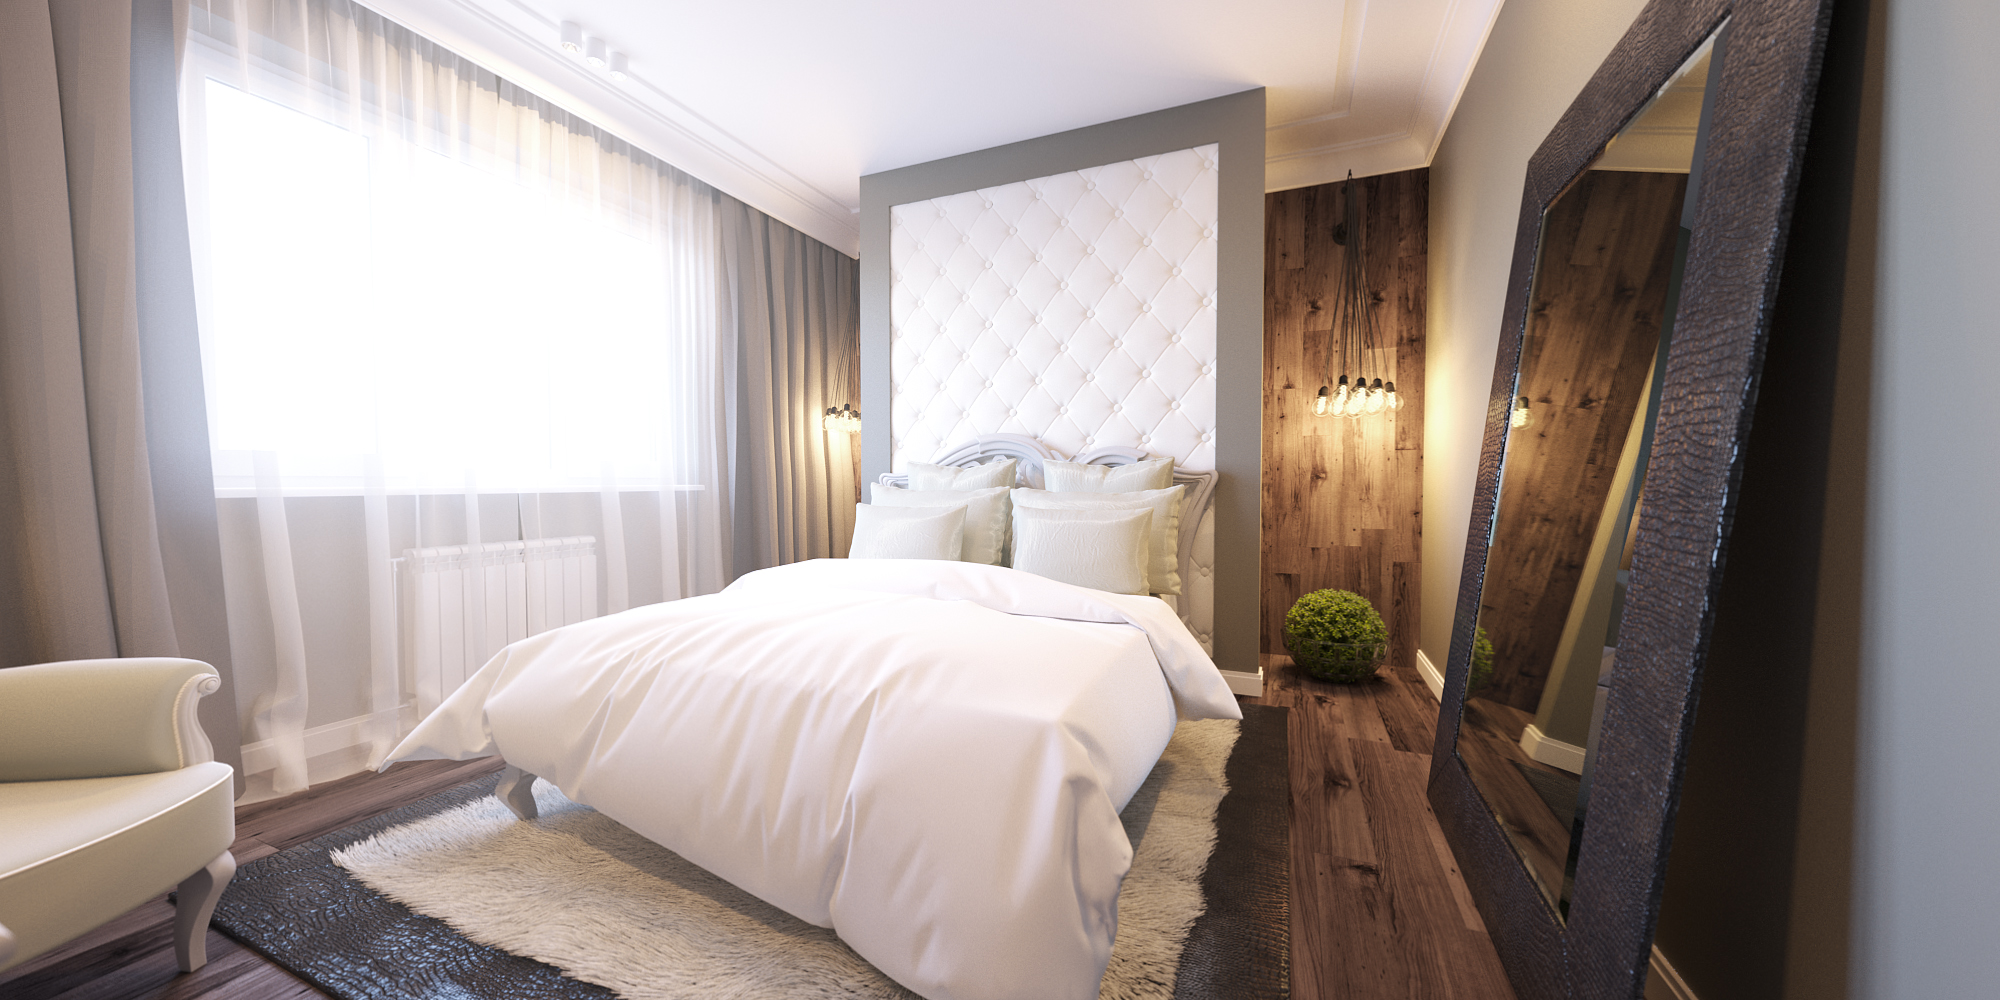 bed_room_v1_1